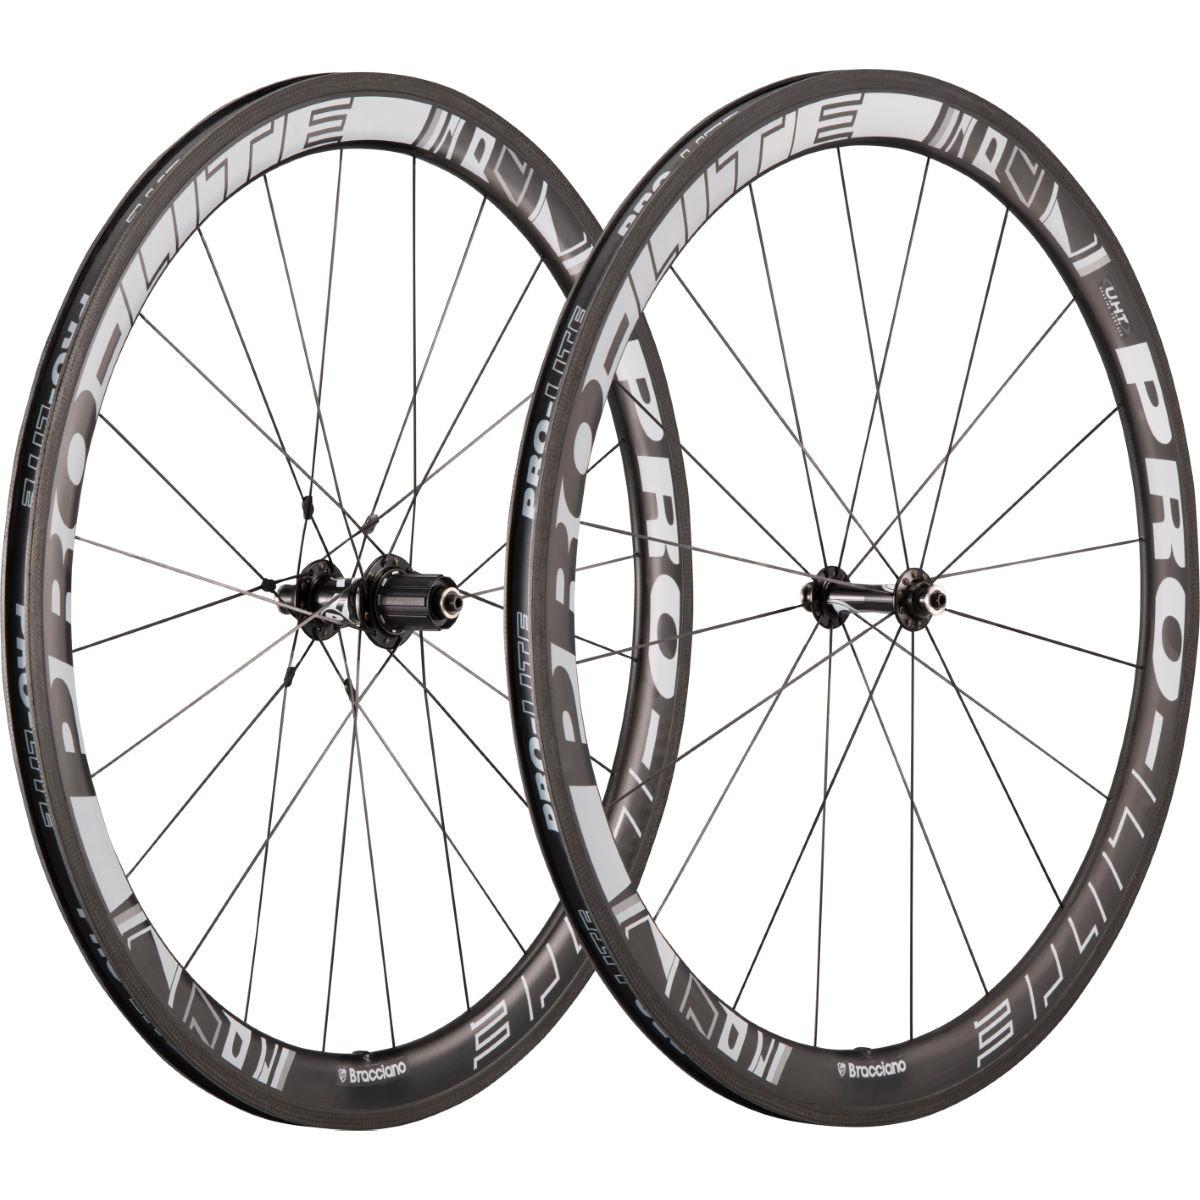 Pro Lite Bracciano Caliente 45mm Carbon Clincher Wheelset Wheel Sets